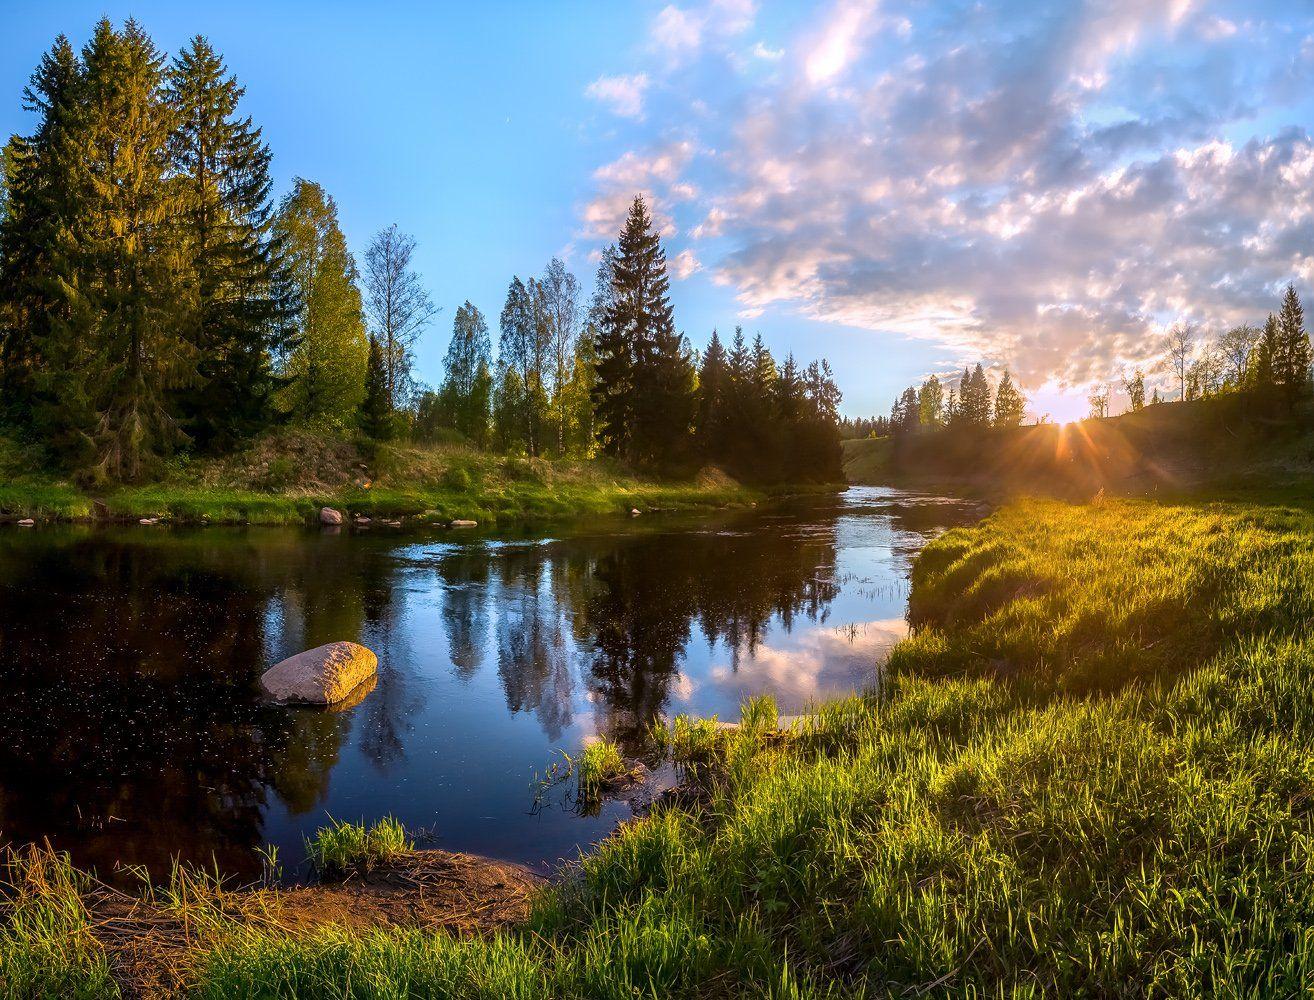 фототур, закат, река, весна, ленинградская область, деревья, лес, сказка, ели, облака, отражение, трава, берег, солнце., Лашков Фёдор